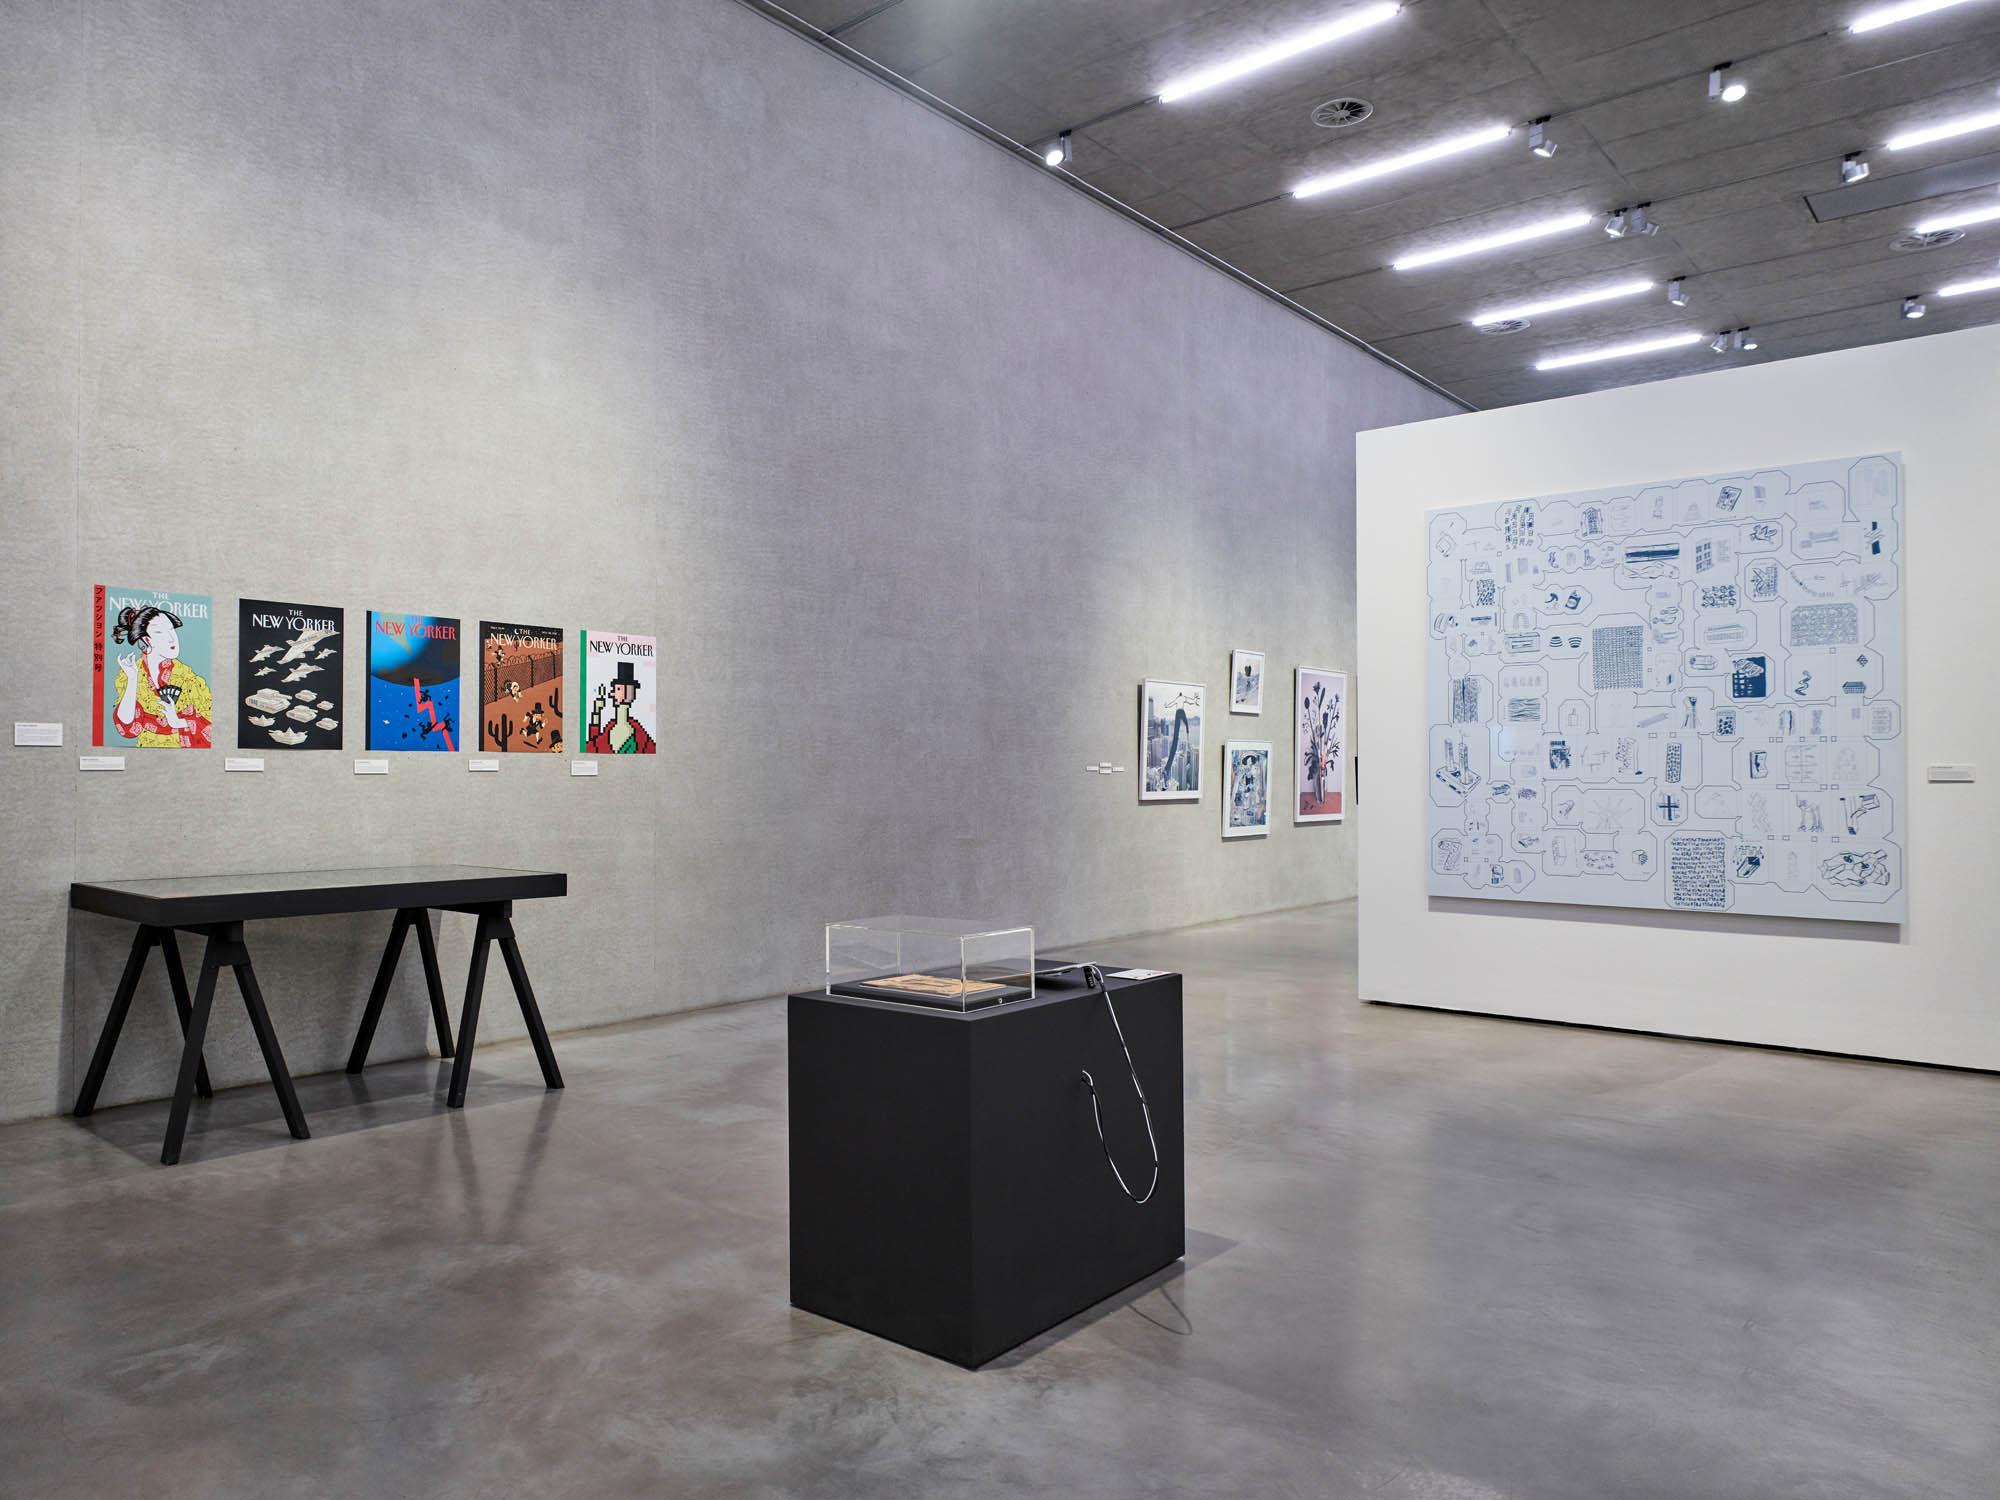 OPP170714  16582 - Galerie Stihl Waiblingen: Modern Times